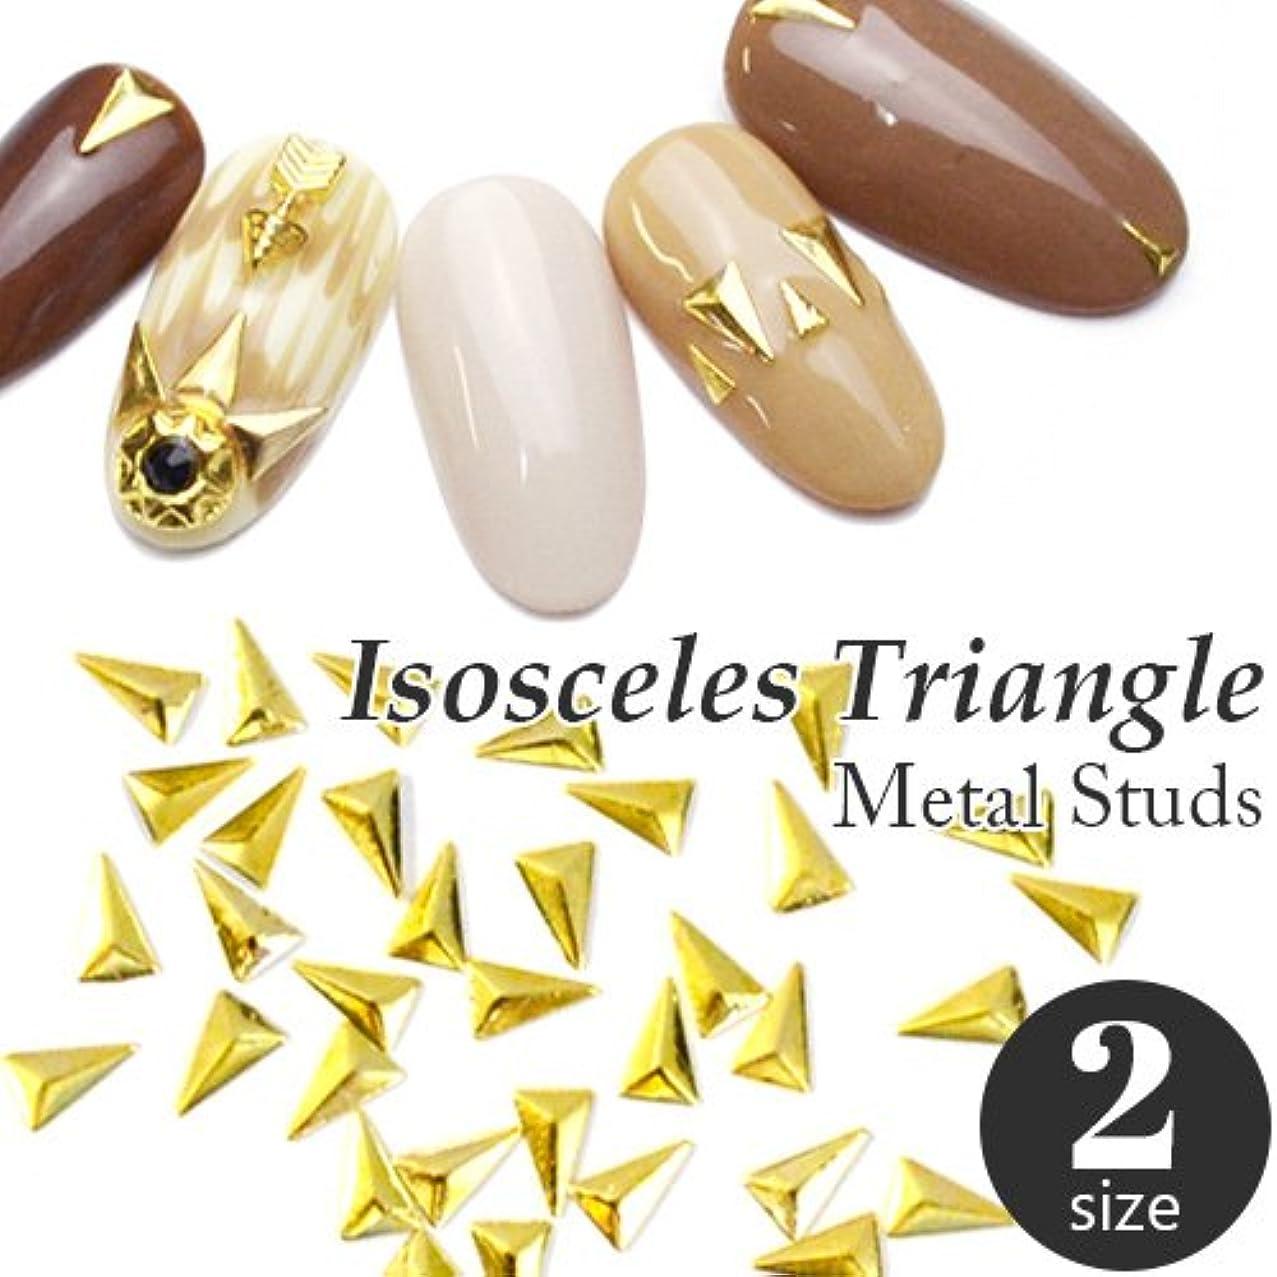 欠伸決してむしろ二等辺三角形[Mシルバー] メタルスタッズ トライアングル30粒入 ジェルネイル